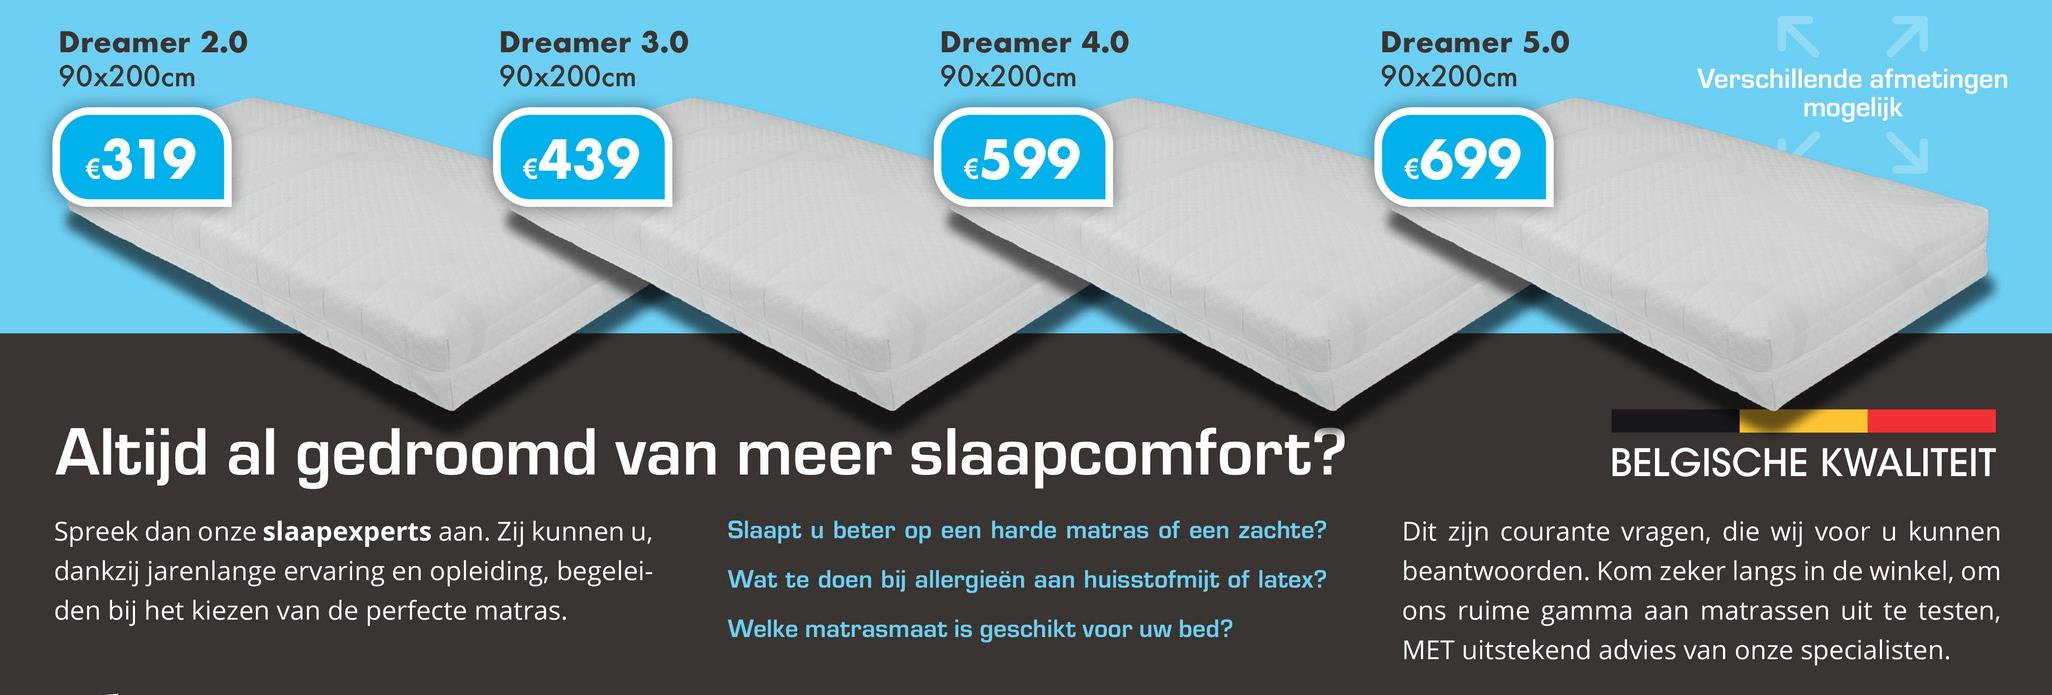 Dreamer 2.0 90x200cm Dreamer 3.0 90x200cm Dreamer 4.0 90x200cm Dreamer 5.0 90x200cm Verschillende afmetingen mogelijk €319 €439 €599 €699 Altijd al gedroomd van meer slaapcomfort? BELGIS HE KWALITEIT Spreek dan onze slaapexperts aan. Zij kunnen u, dankzij jarenlange ervaring en opleiding, begelei- den bij het kiezen van de perfecte matras. Slaapt u beter op een harde matras of een zachte? Wat te doen bij allergieën aan huisstofmijt of latex? Welke matrasmaat is geschikt voor uw bed? Dit zijn courante vragen, die wij voor u kunnen beantwoorden. Kom zeker langs in de winkel, om ons ruime gamma aan matrassen uit te testen, MET uitstekend advies van onze specialisten.